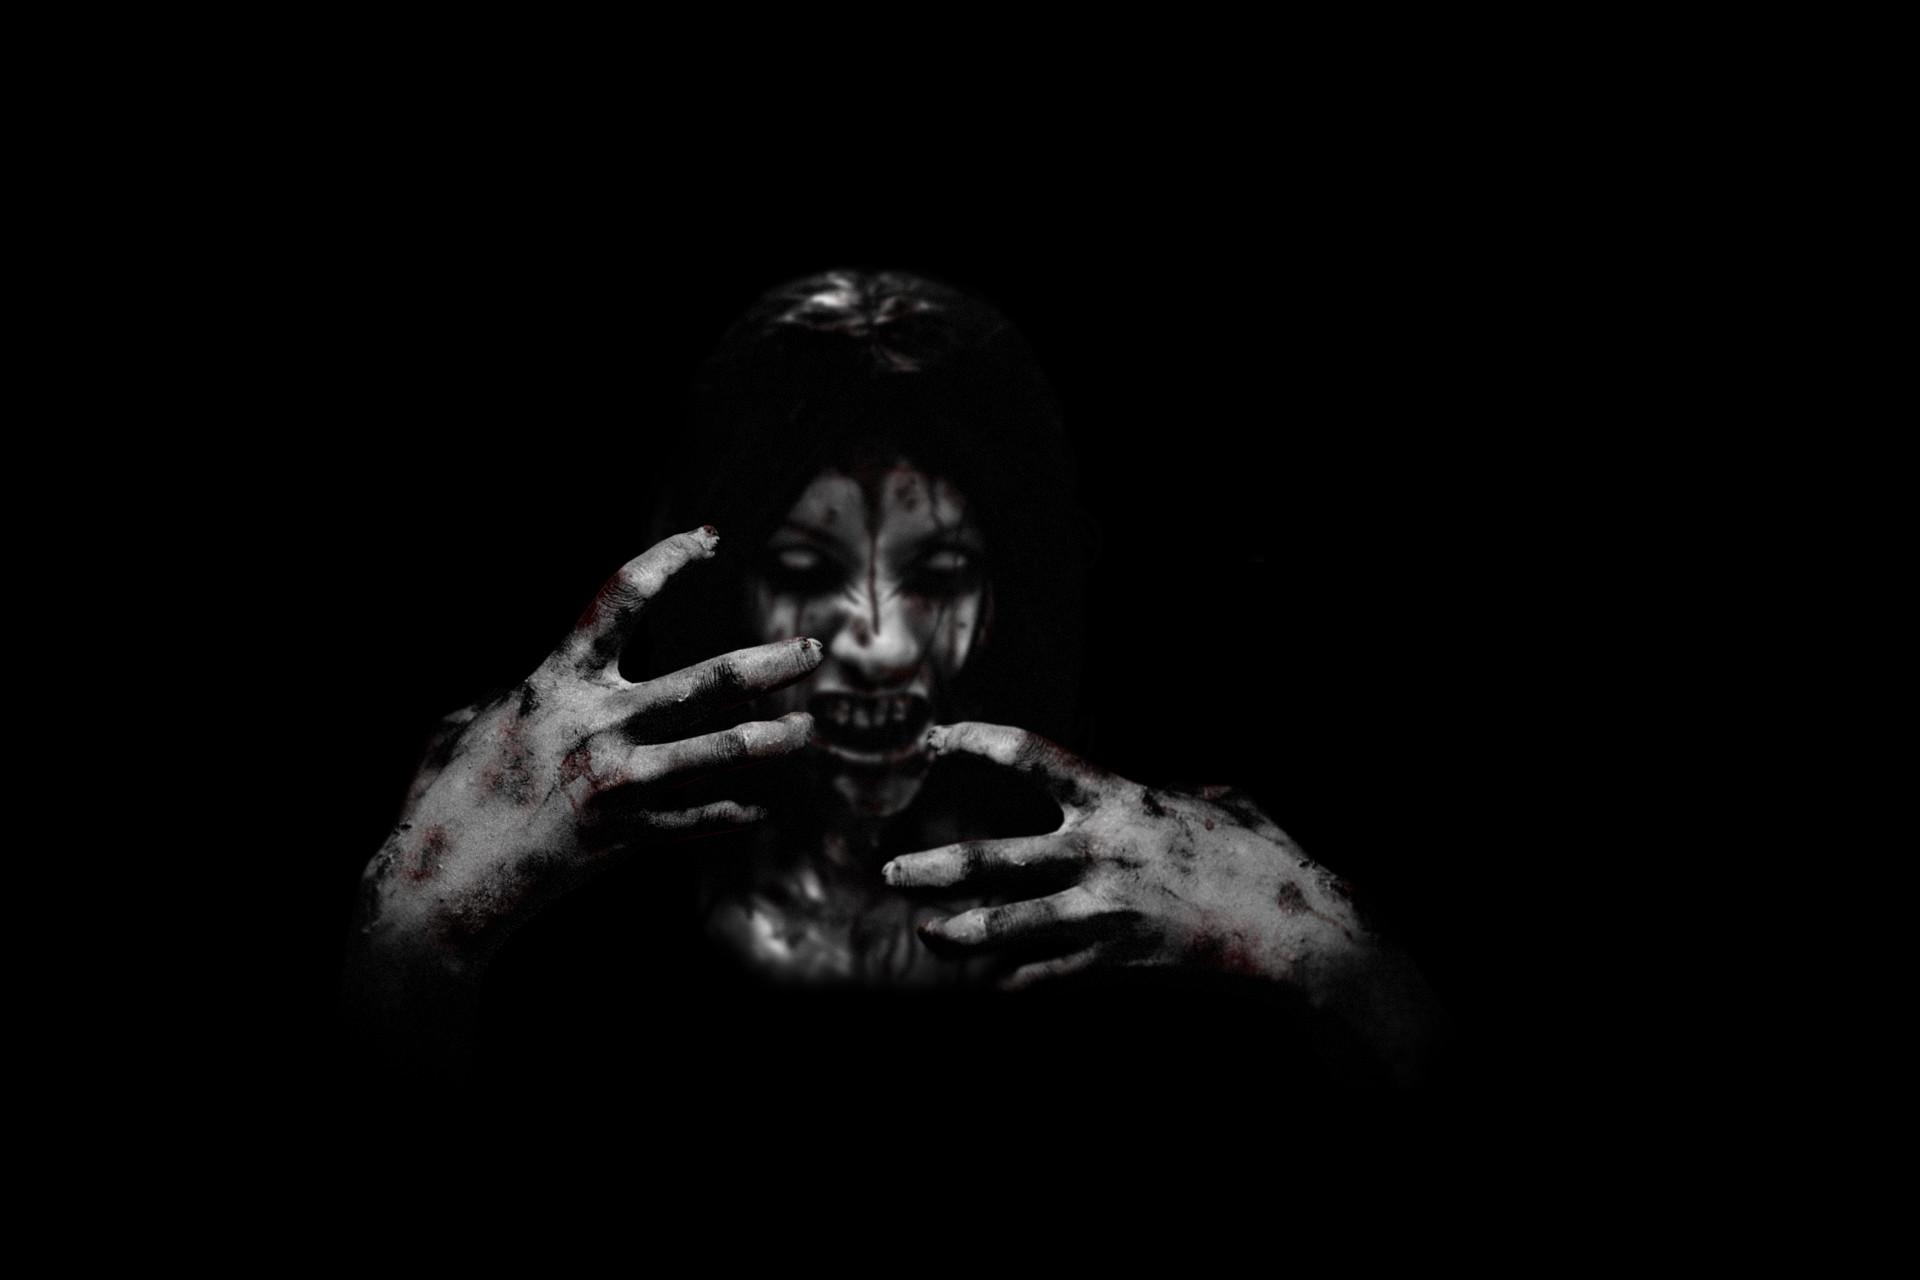 Evil Horror Wallpapers | … dark horror evil monster wallpaper |  | 56223